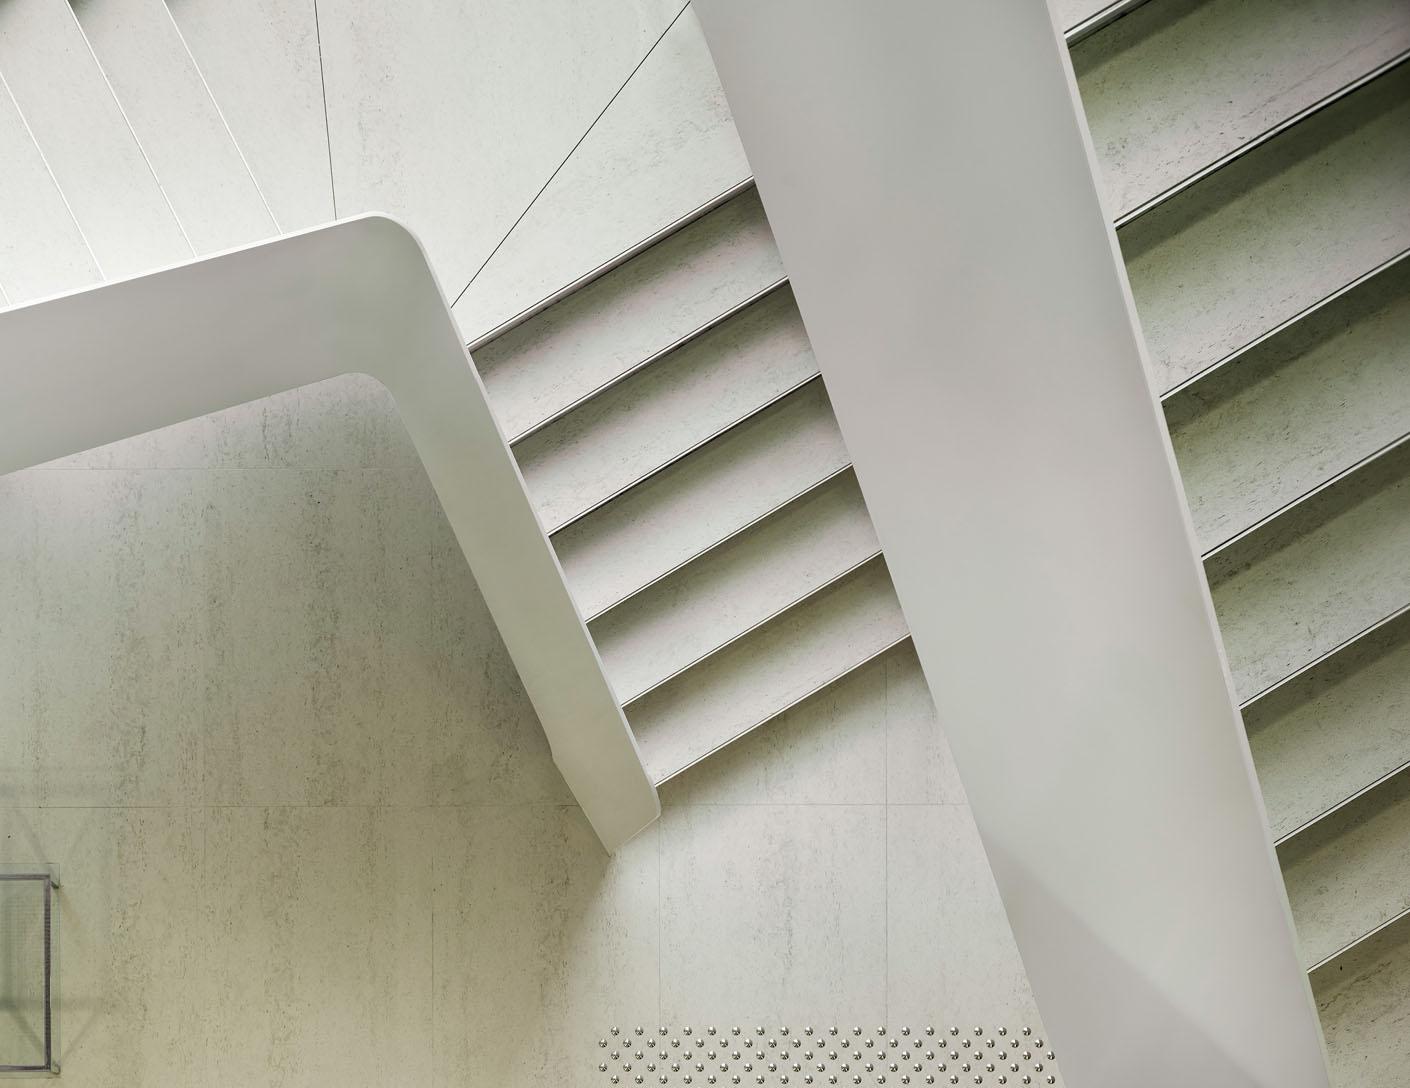 Image of sol arq suelos y pav escaleras in Revêtements de sols - Cosentino